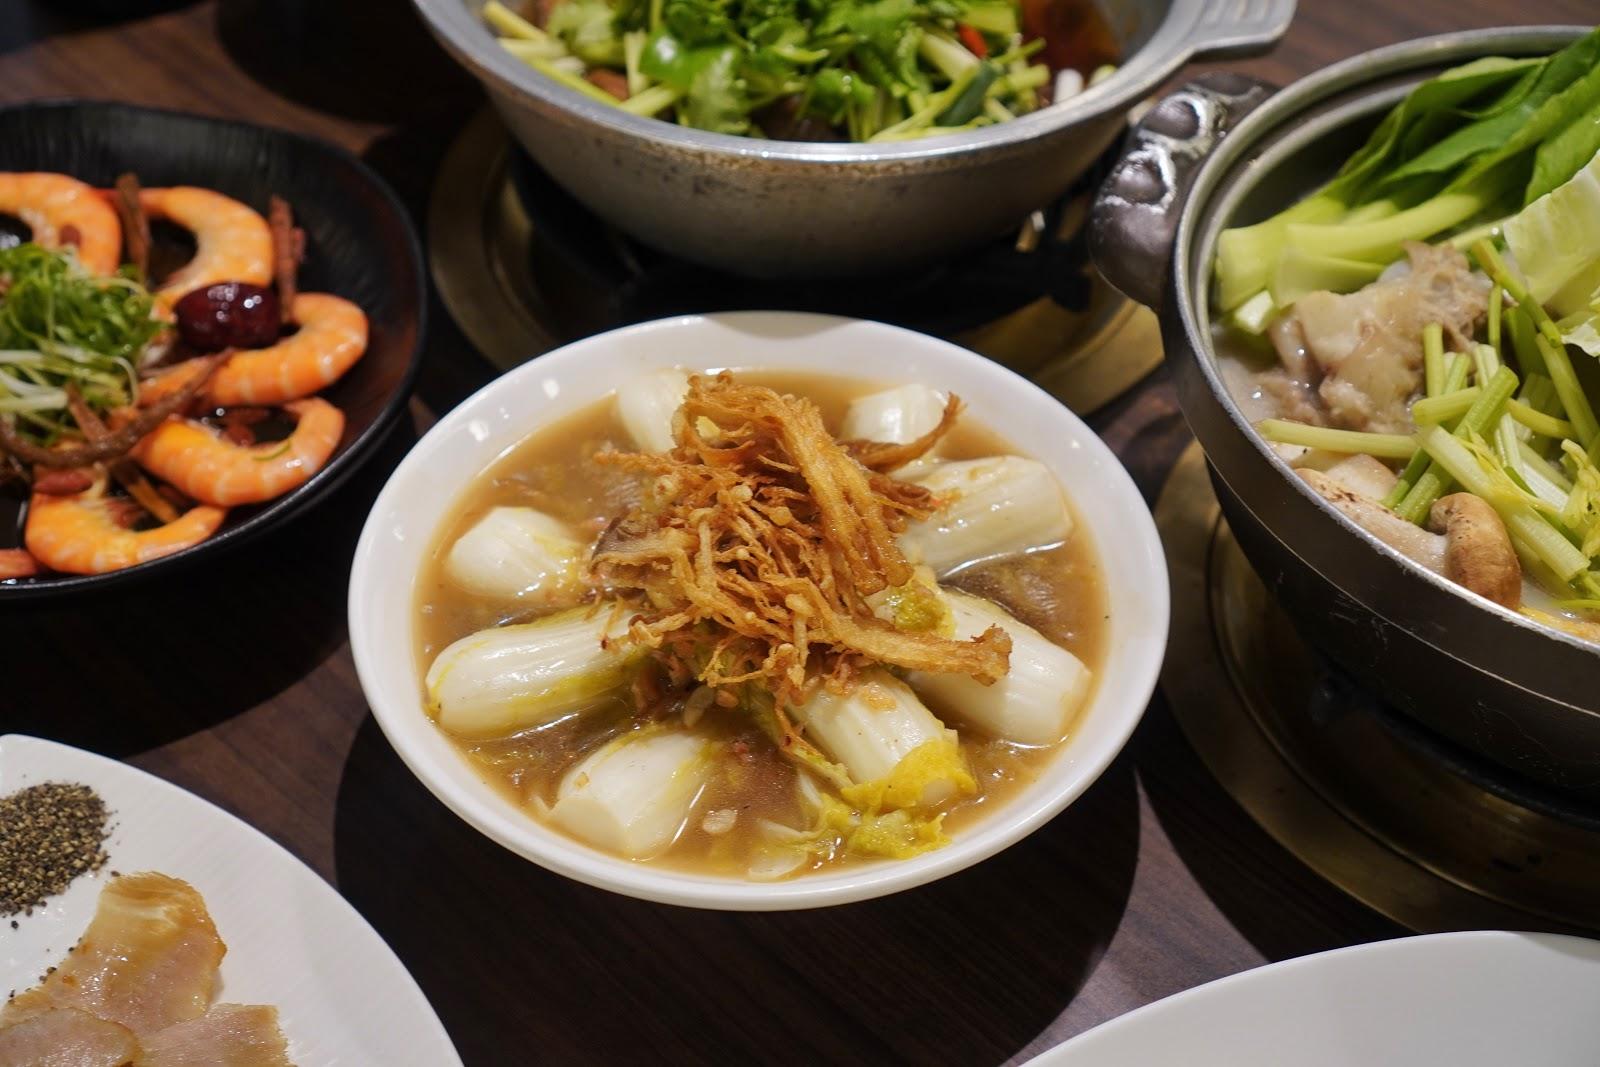 台南東區美食【廚房有雞花雕雞】野蕈菇上湯娃娃菜